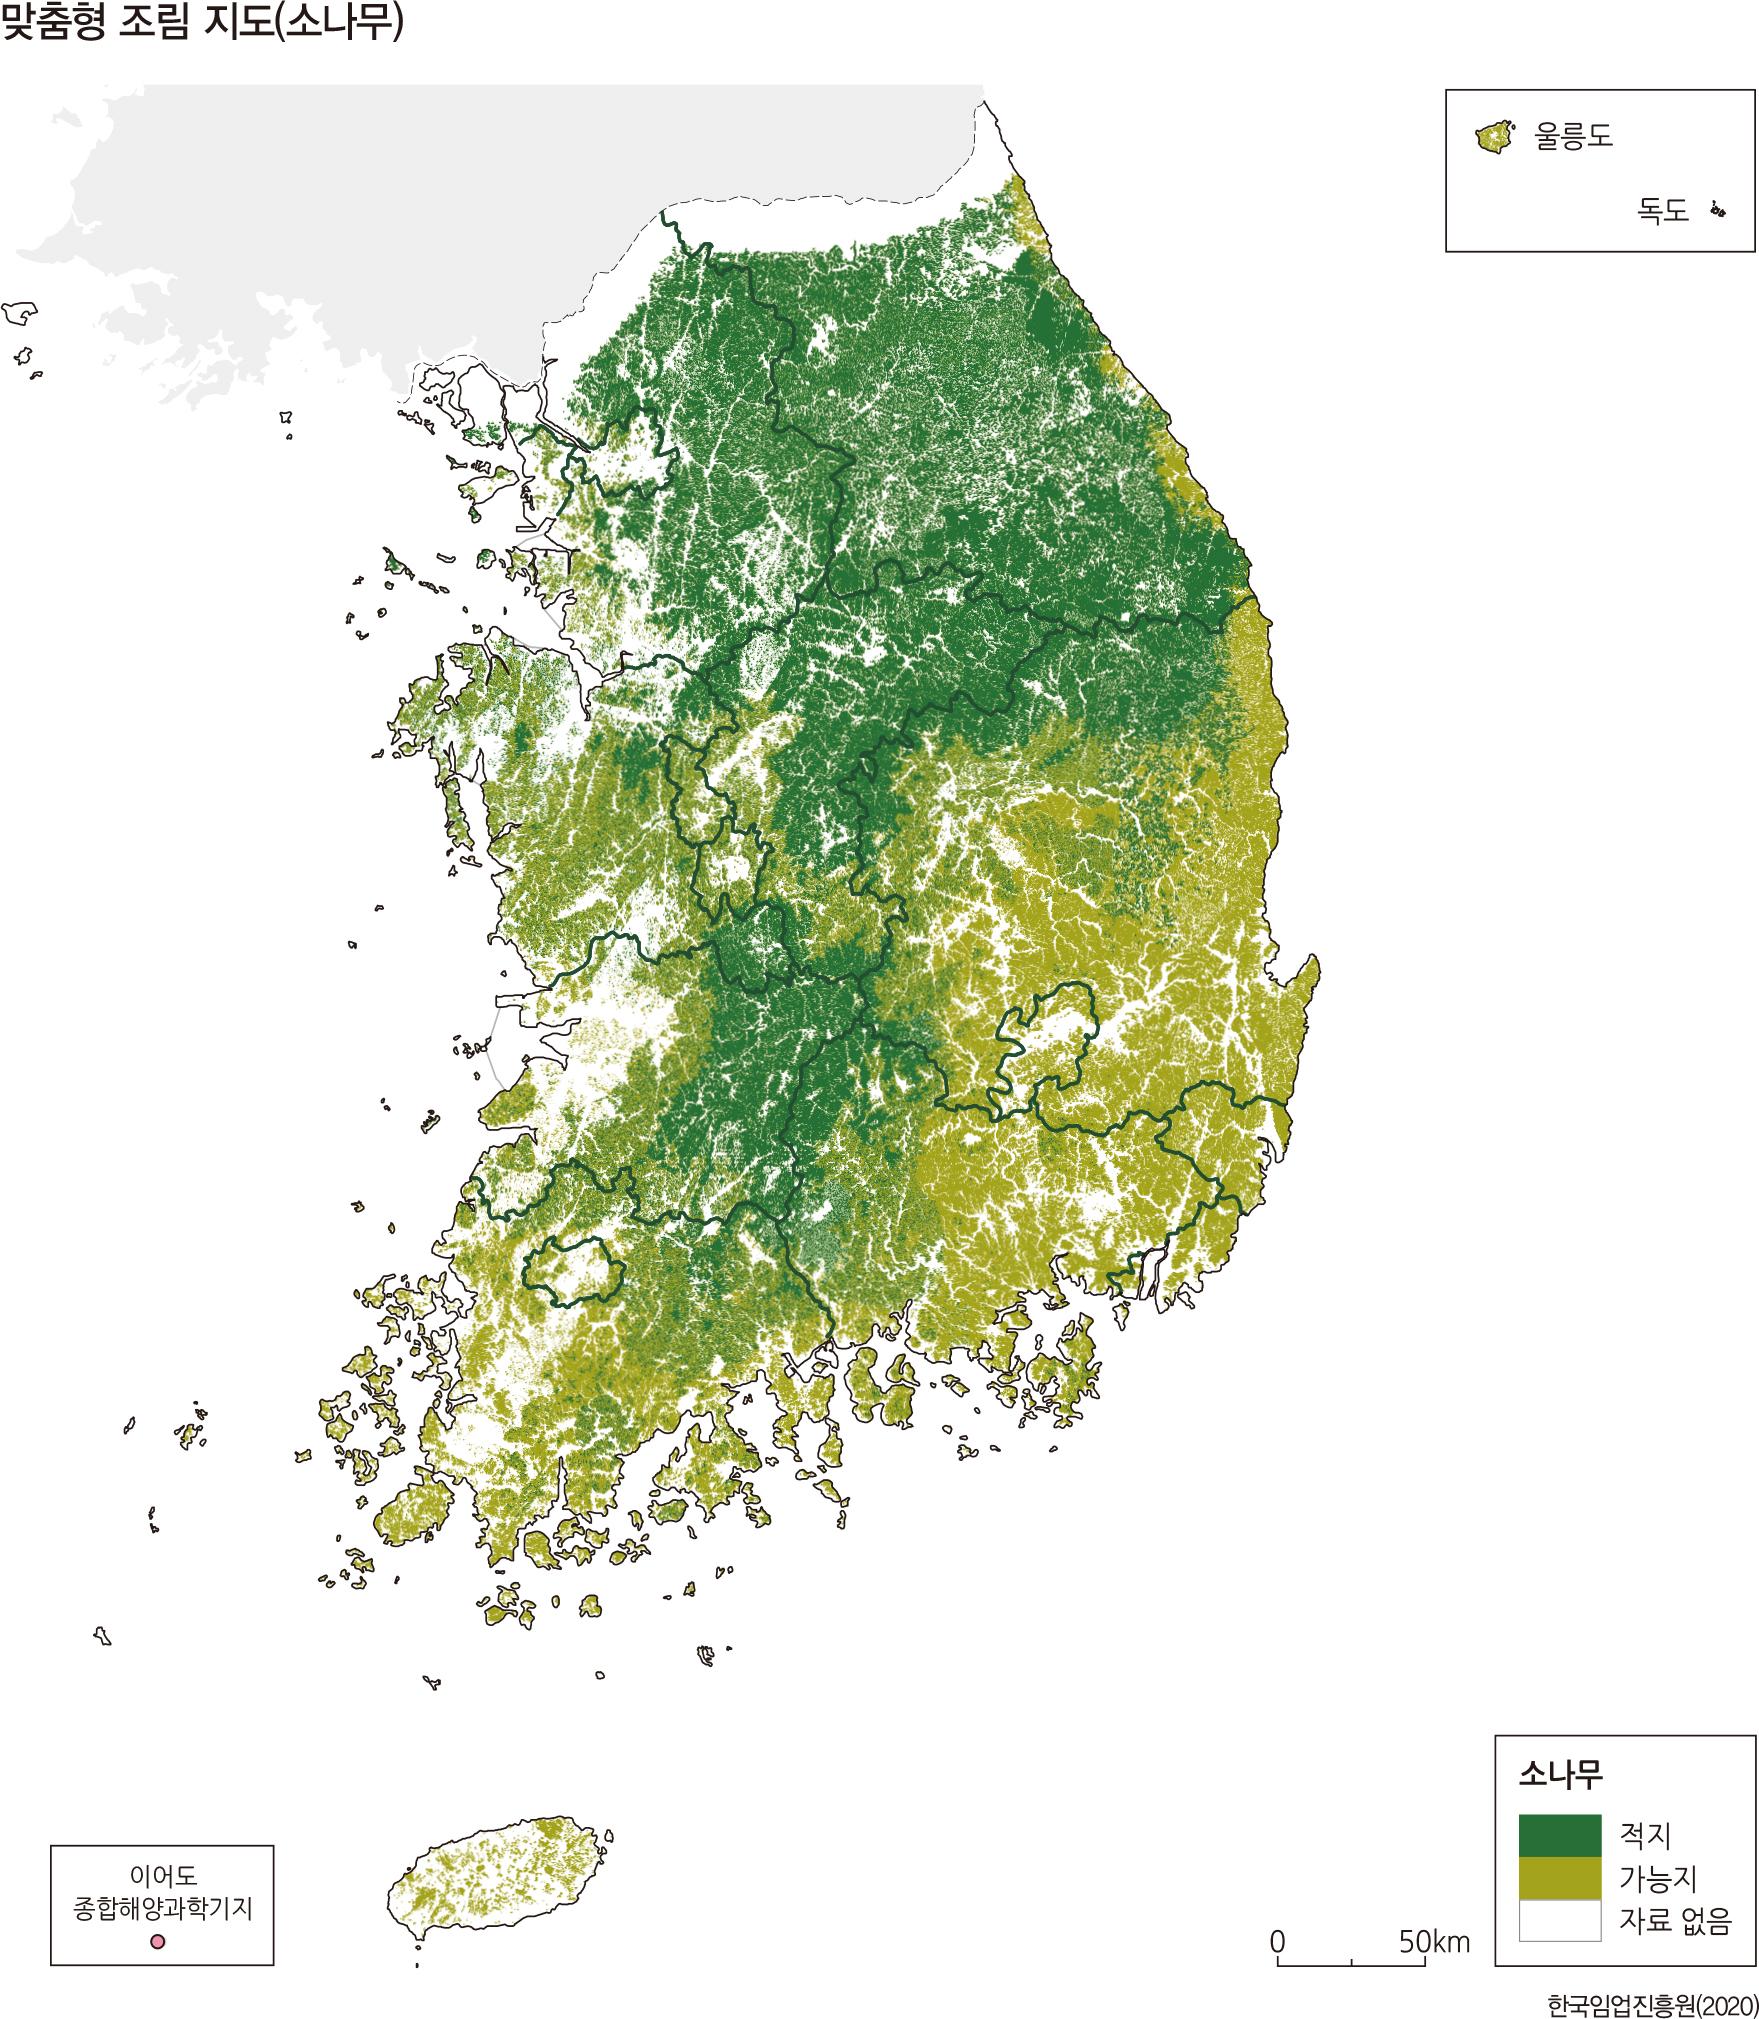 맞춤형 조림 지도(소나무)